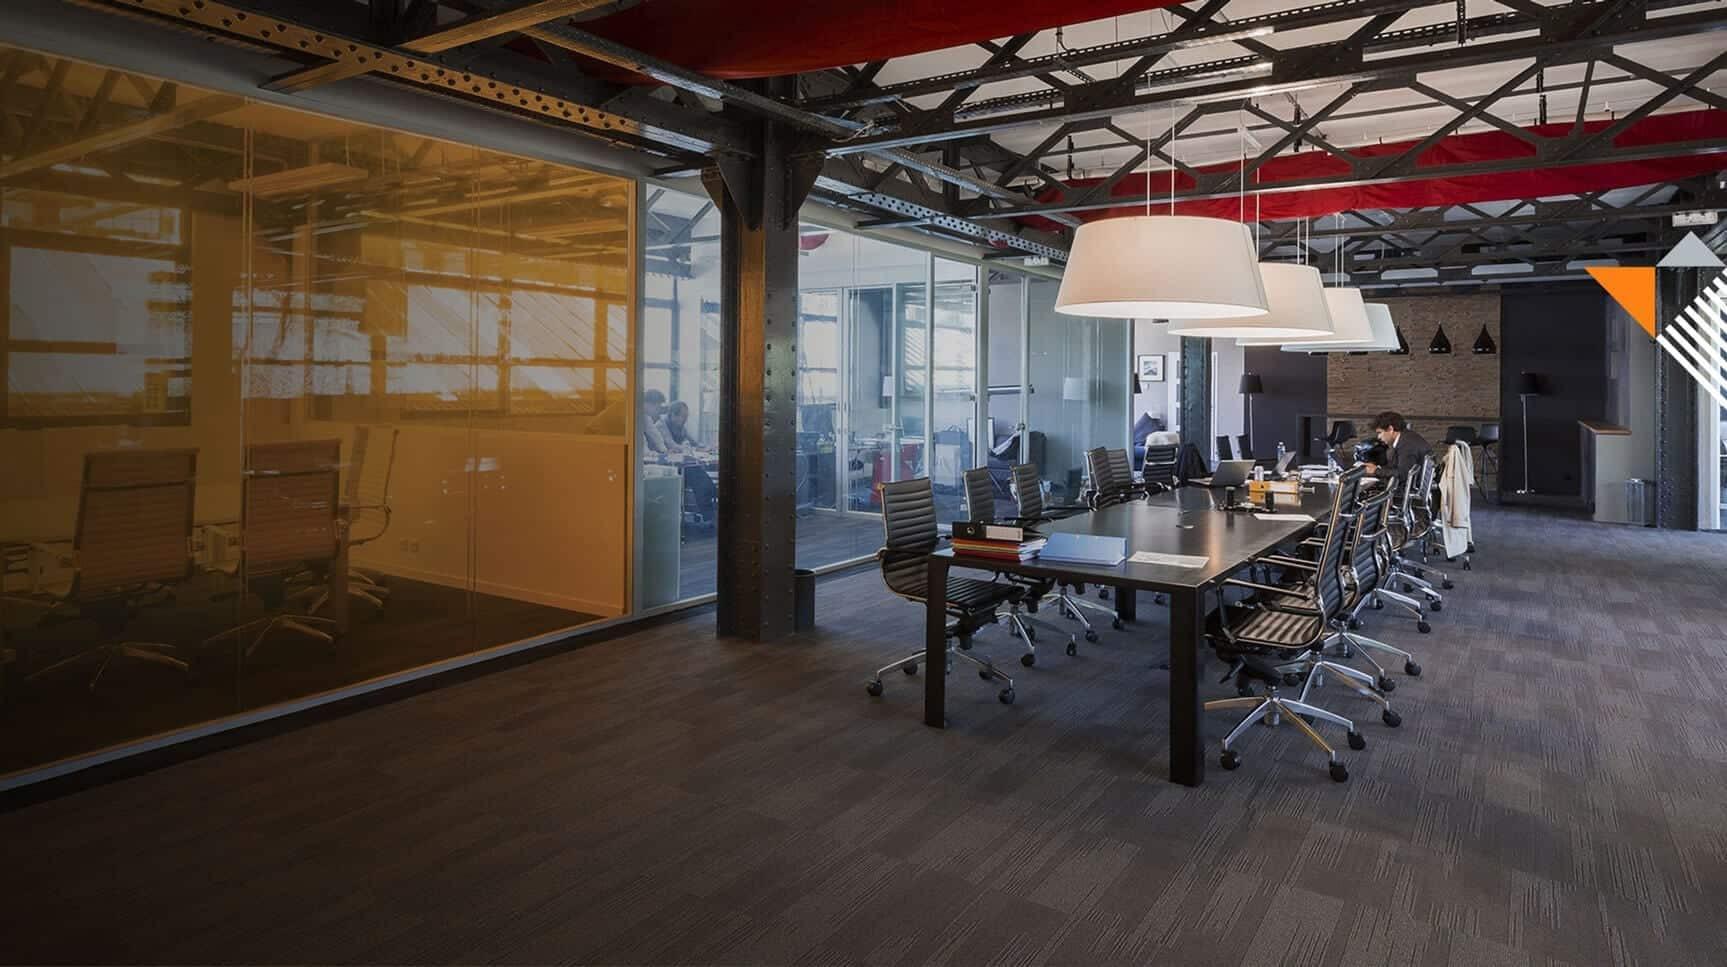 Couleur Peinture Pour Bureau Professionnel aménagement de bureaux | cloisons & agencement mobilier